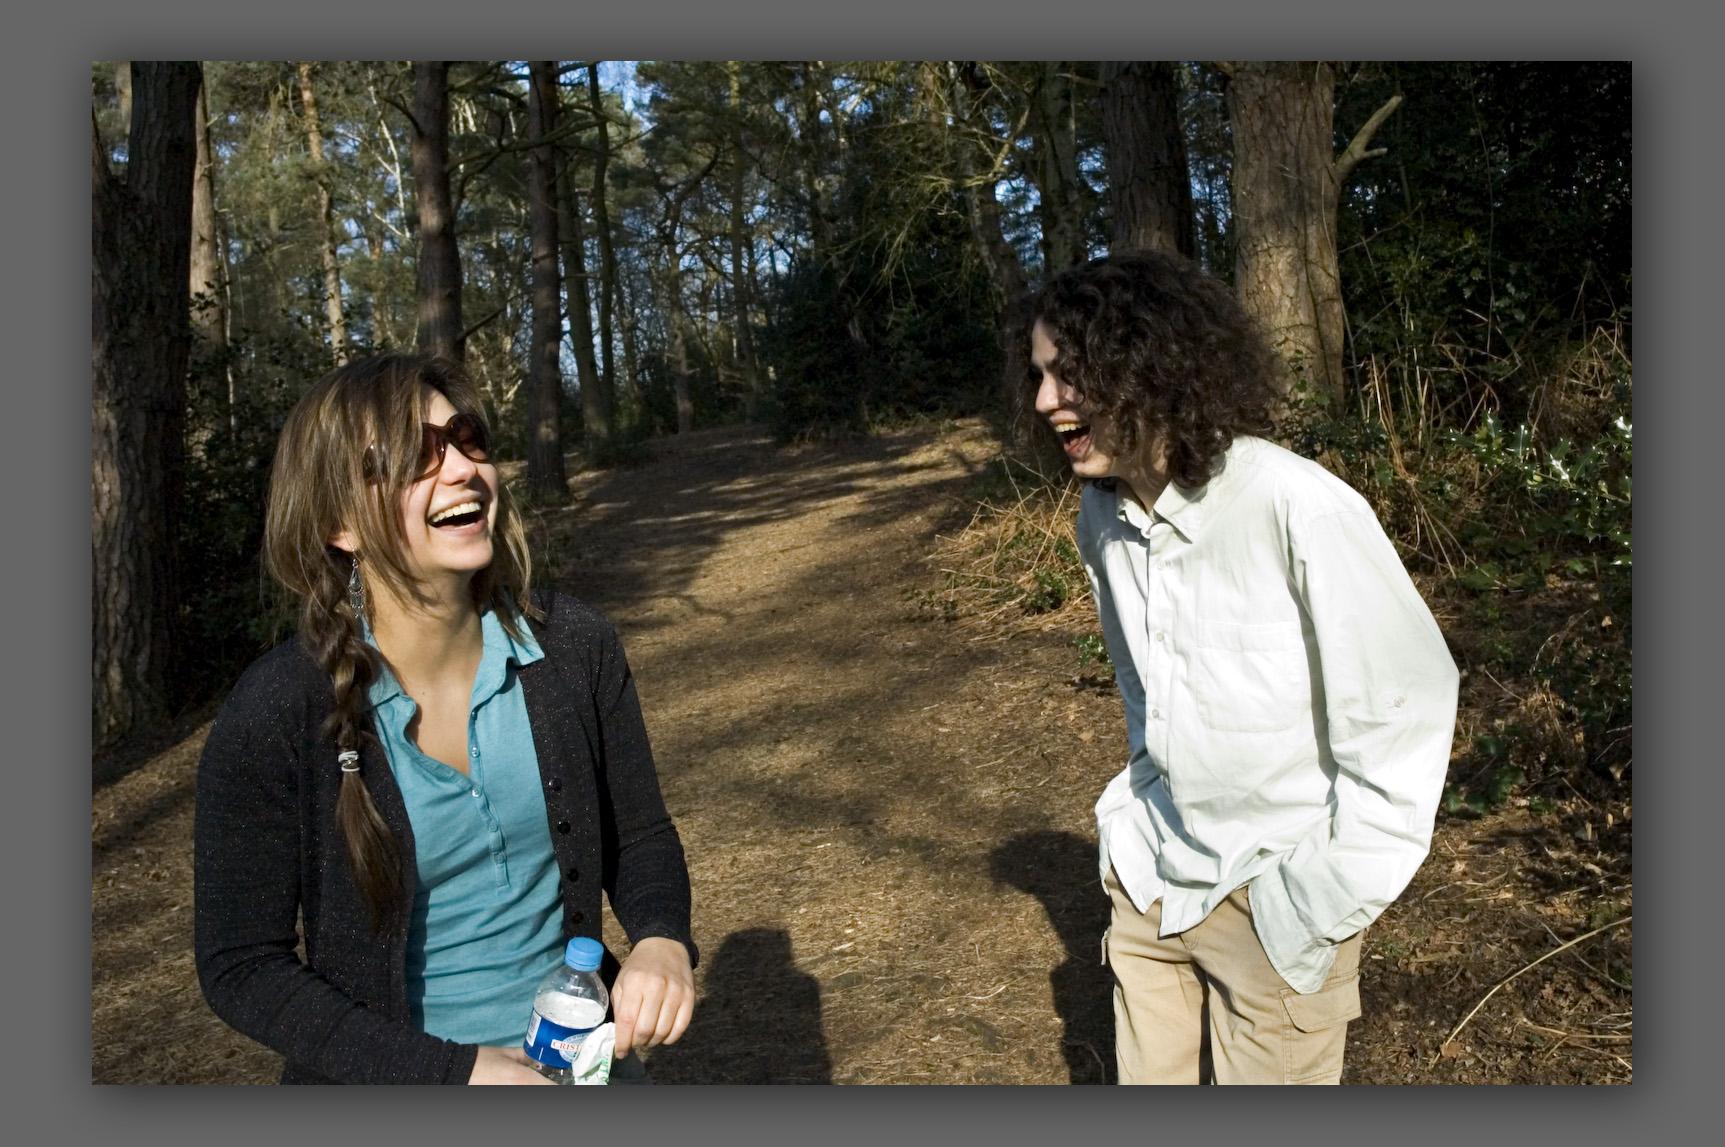 Clara and Danilo at Keston Common